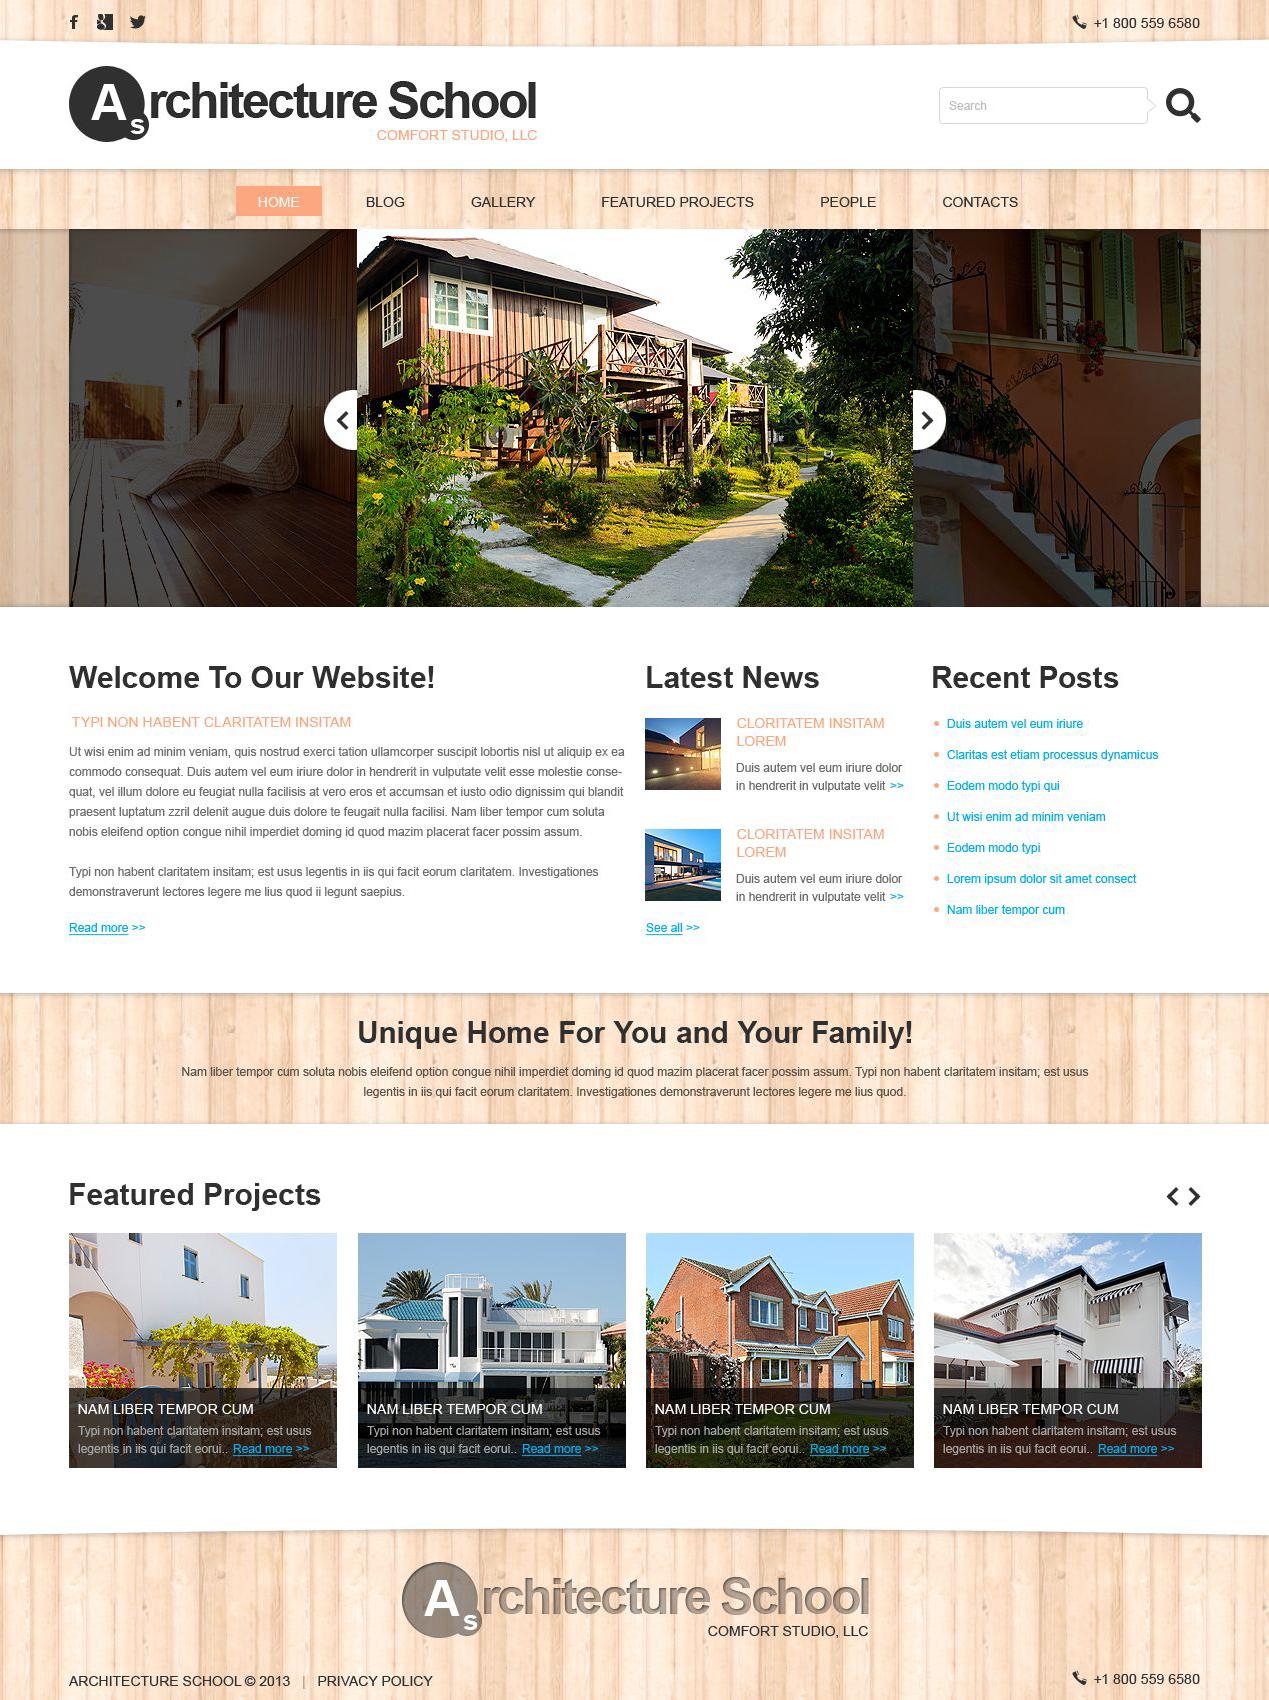 Template Joomla Flexível para Sites de Arquitetura №51756 - captura de tela